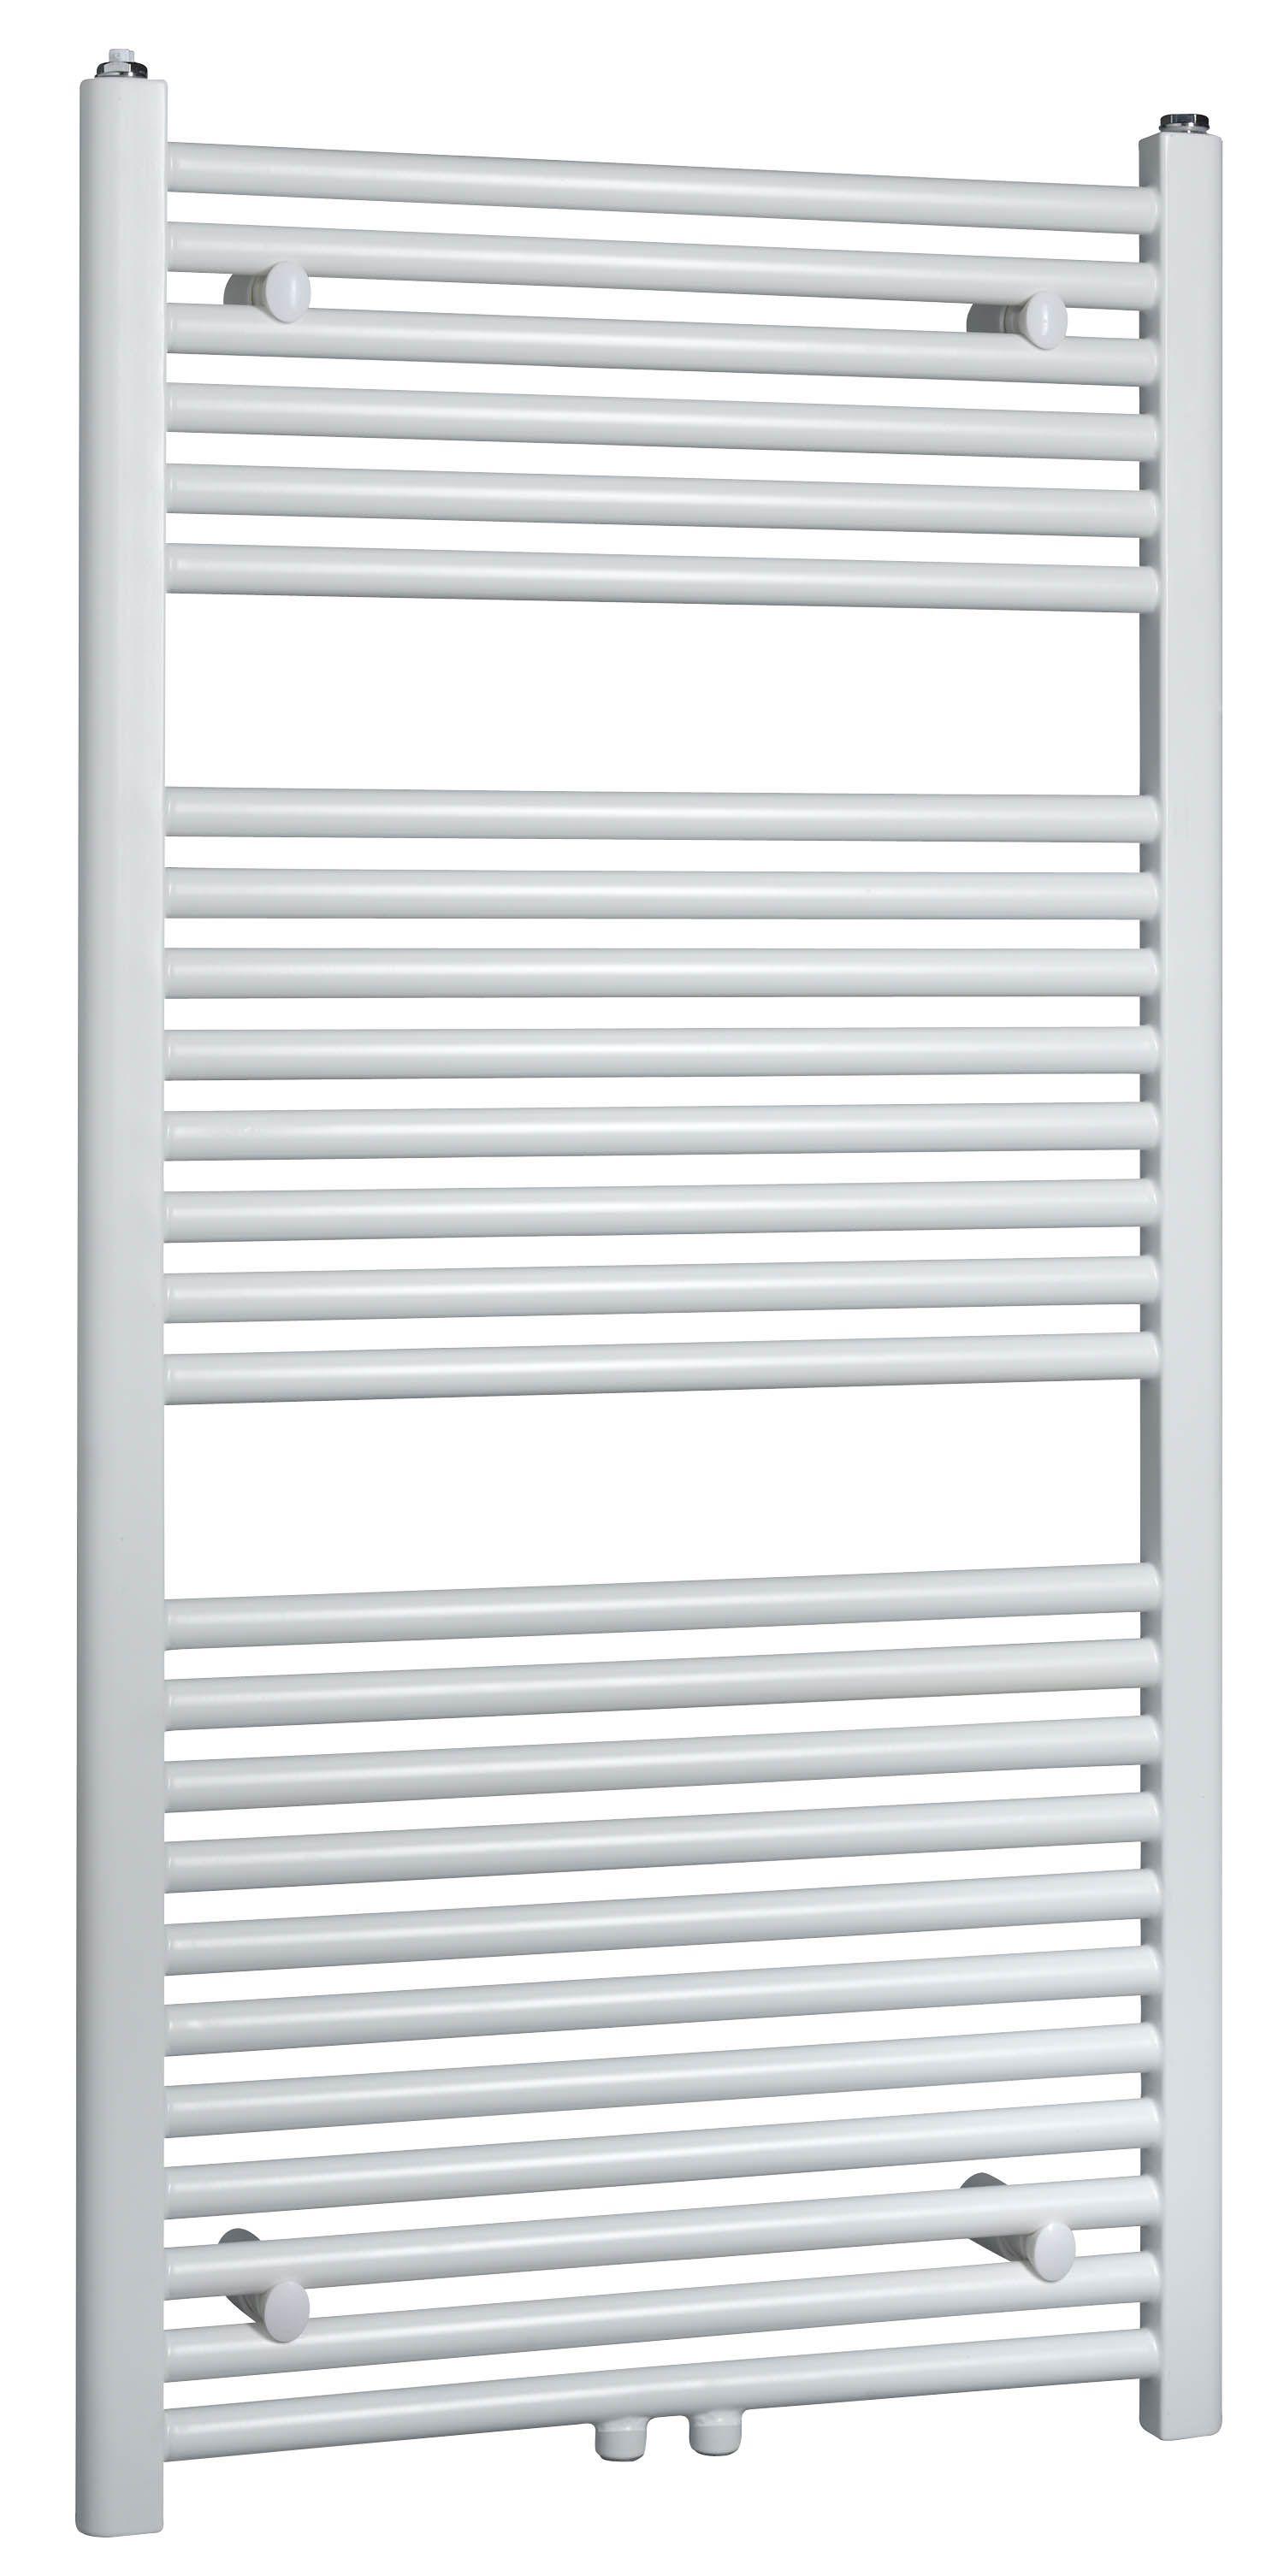 â radiator badkamer kopen online internetwinkel